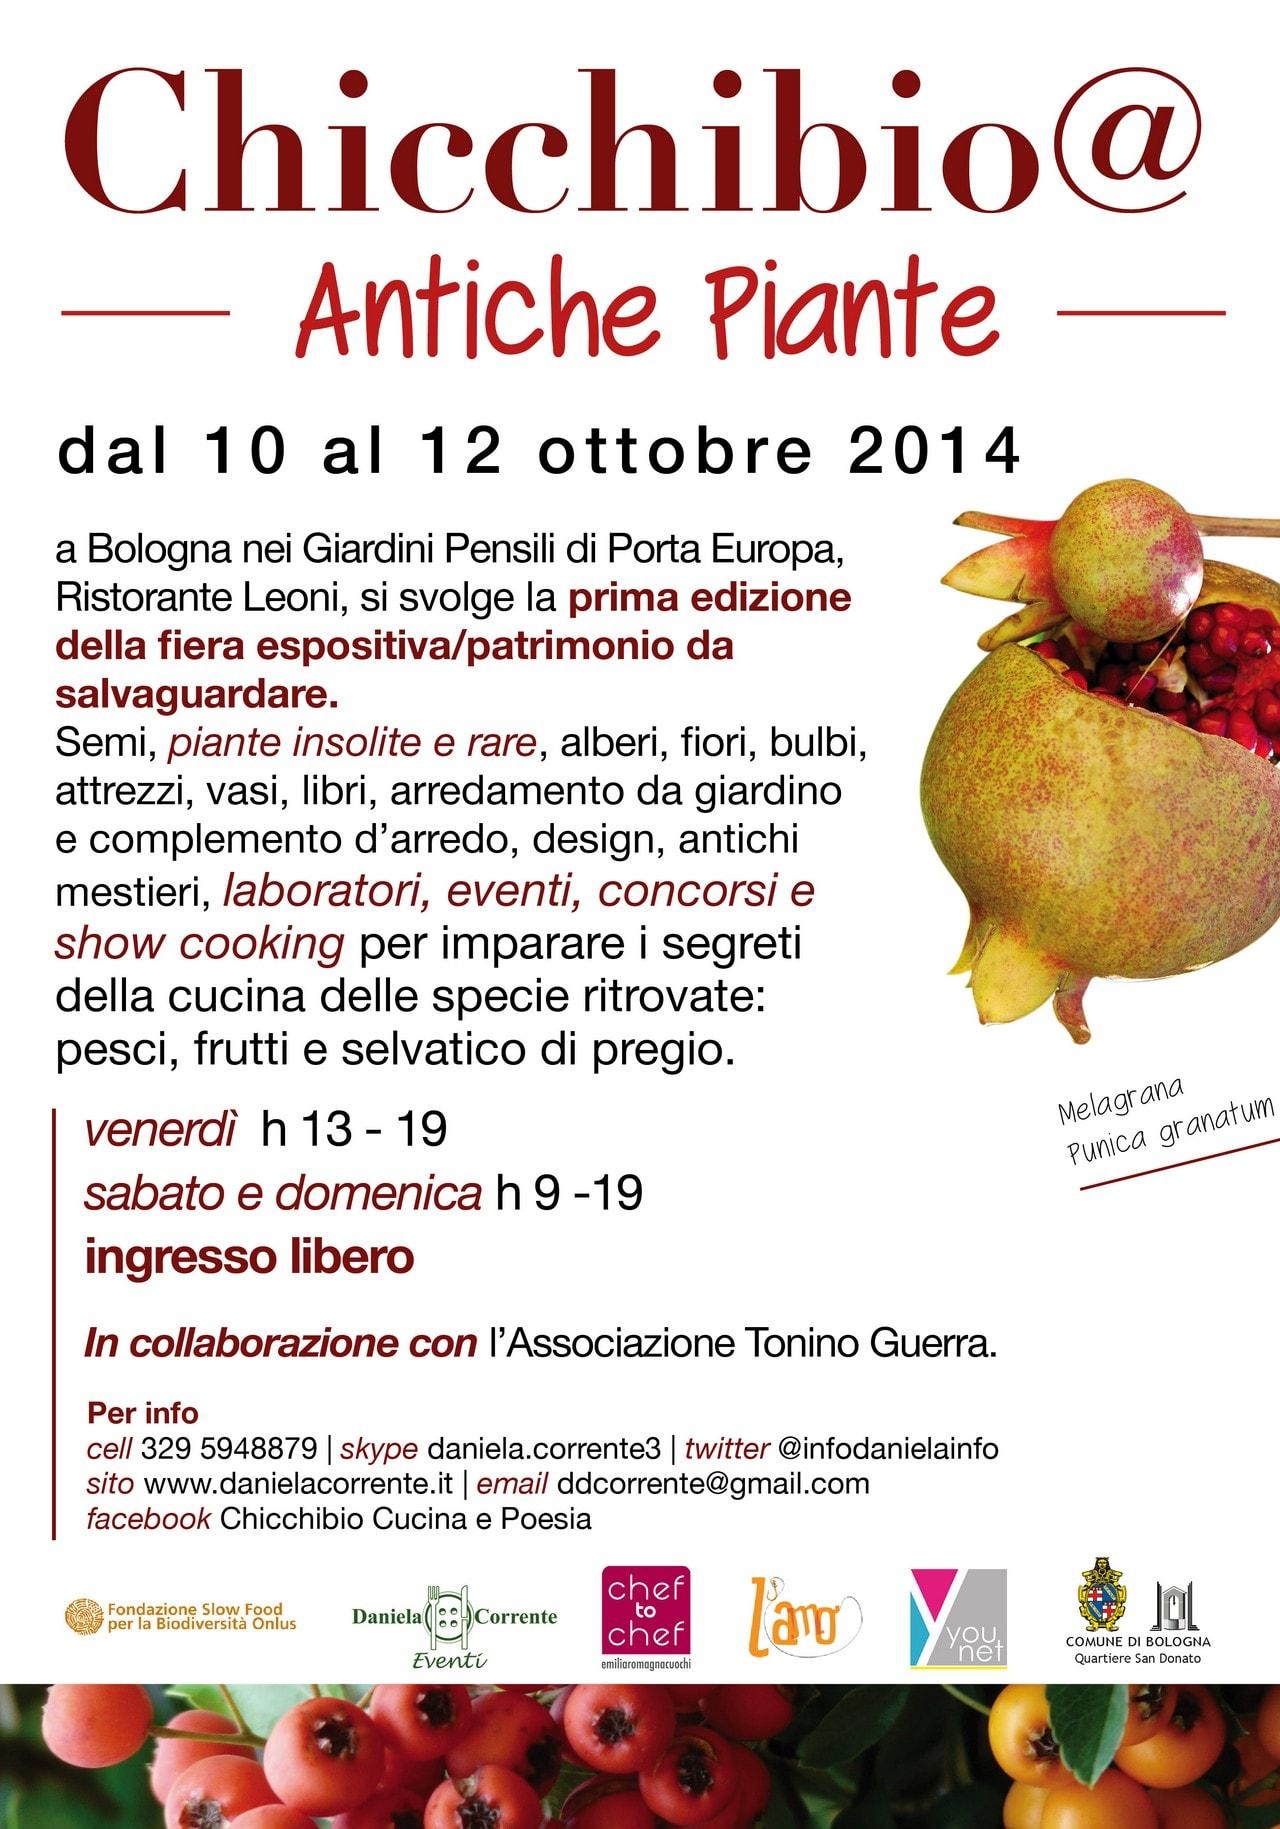 Chicchibio Antiche piante e specie ritrovate a Bologna